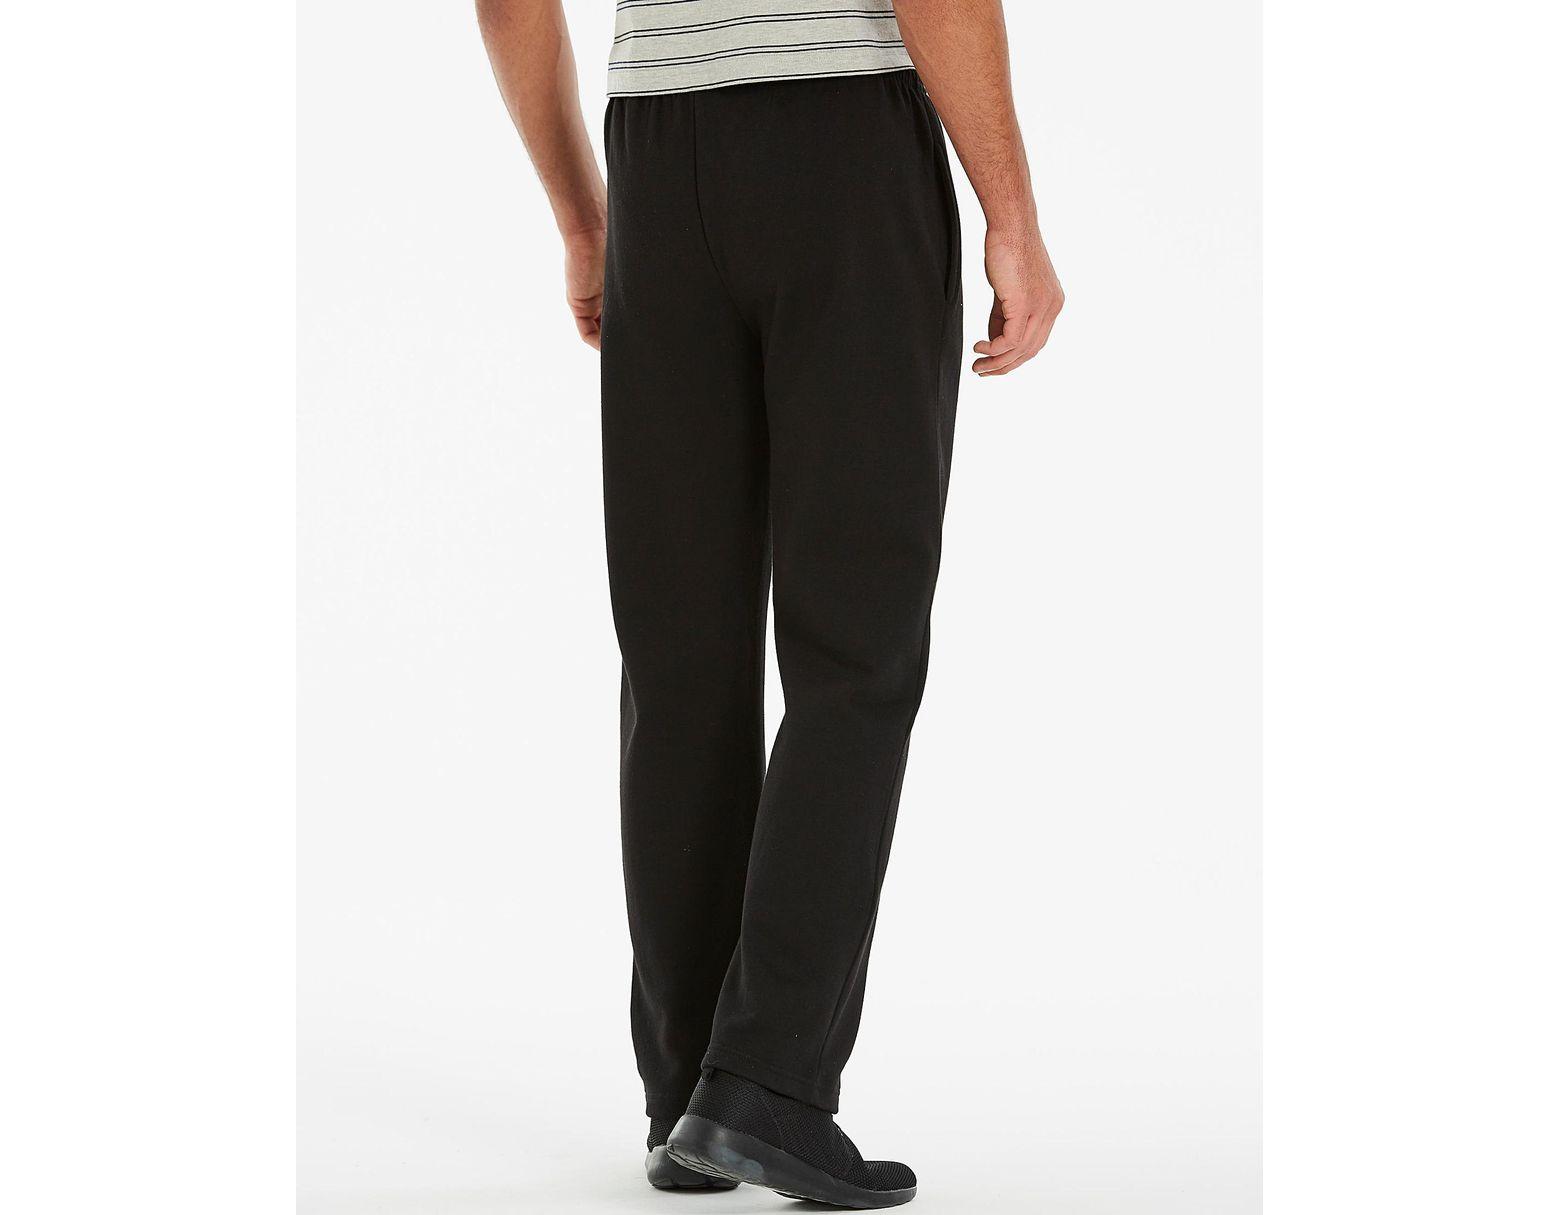 6eae566e3 Mitre Open Hem Jogging Bottom 29 Inch in Black for Men - Lyst